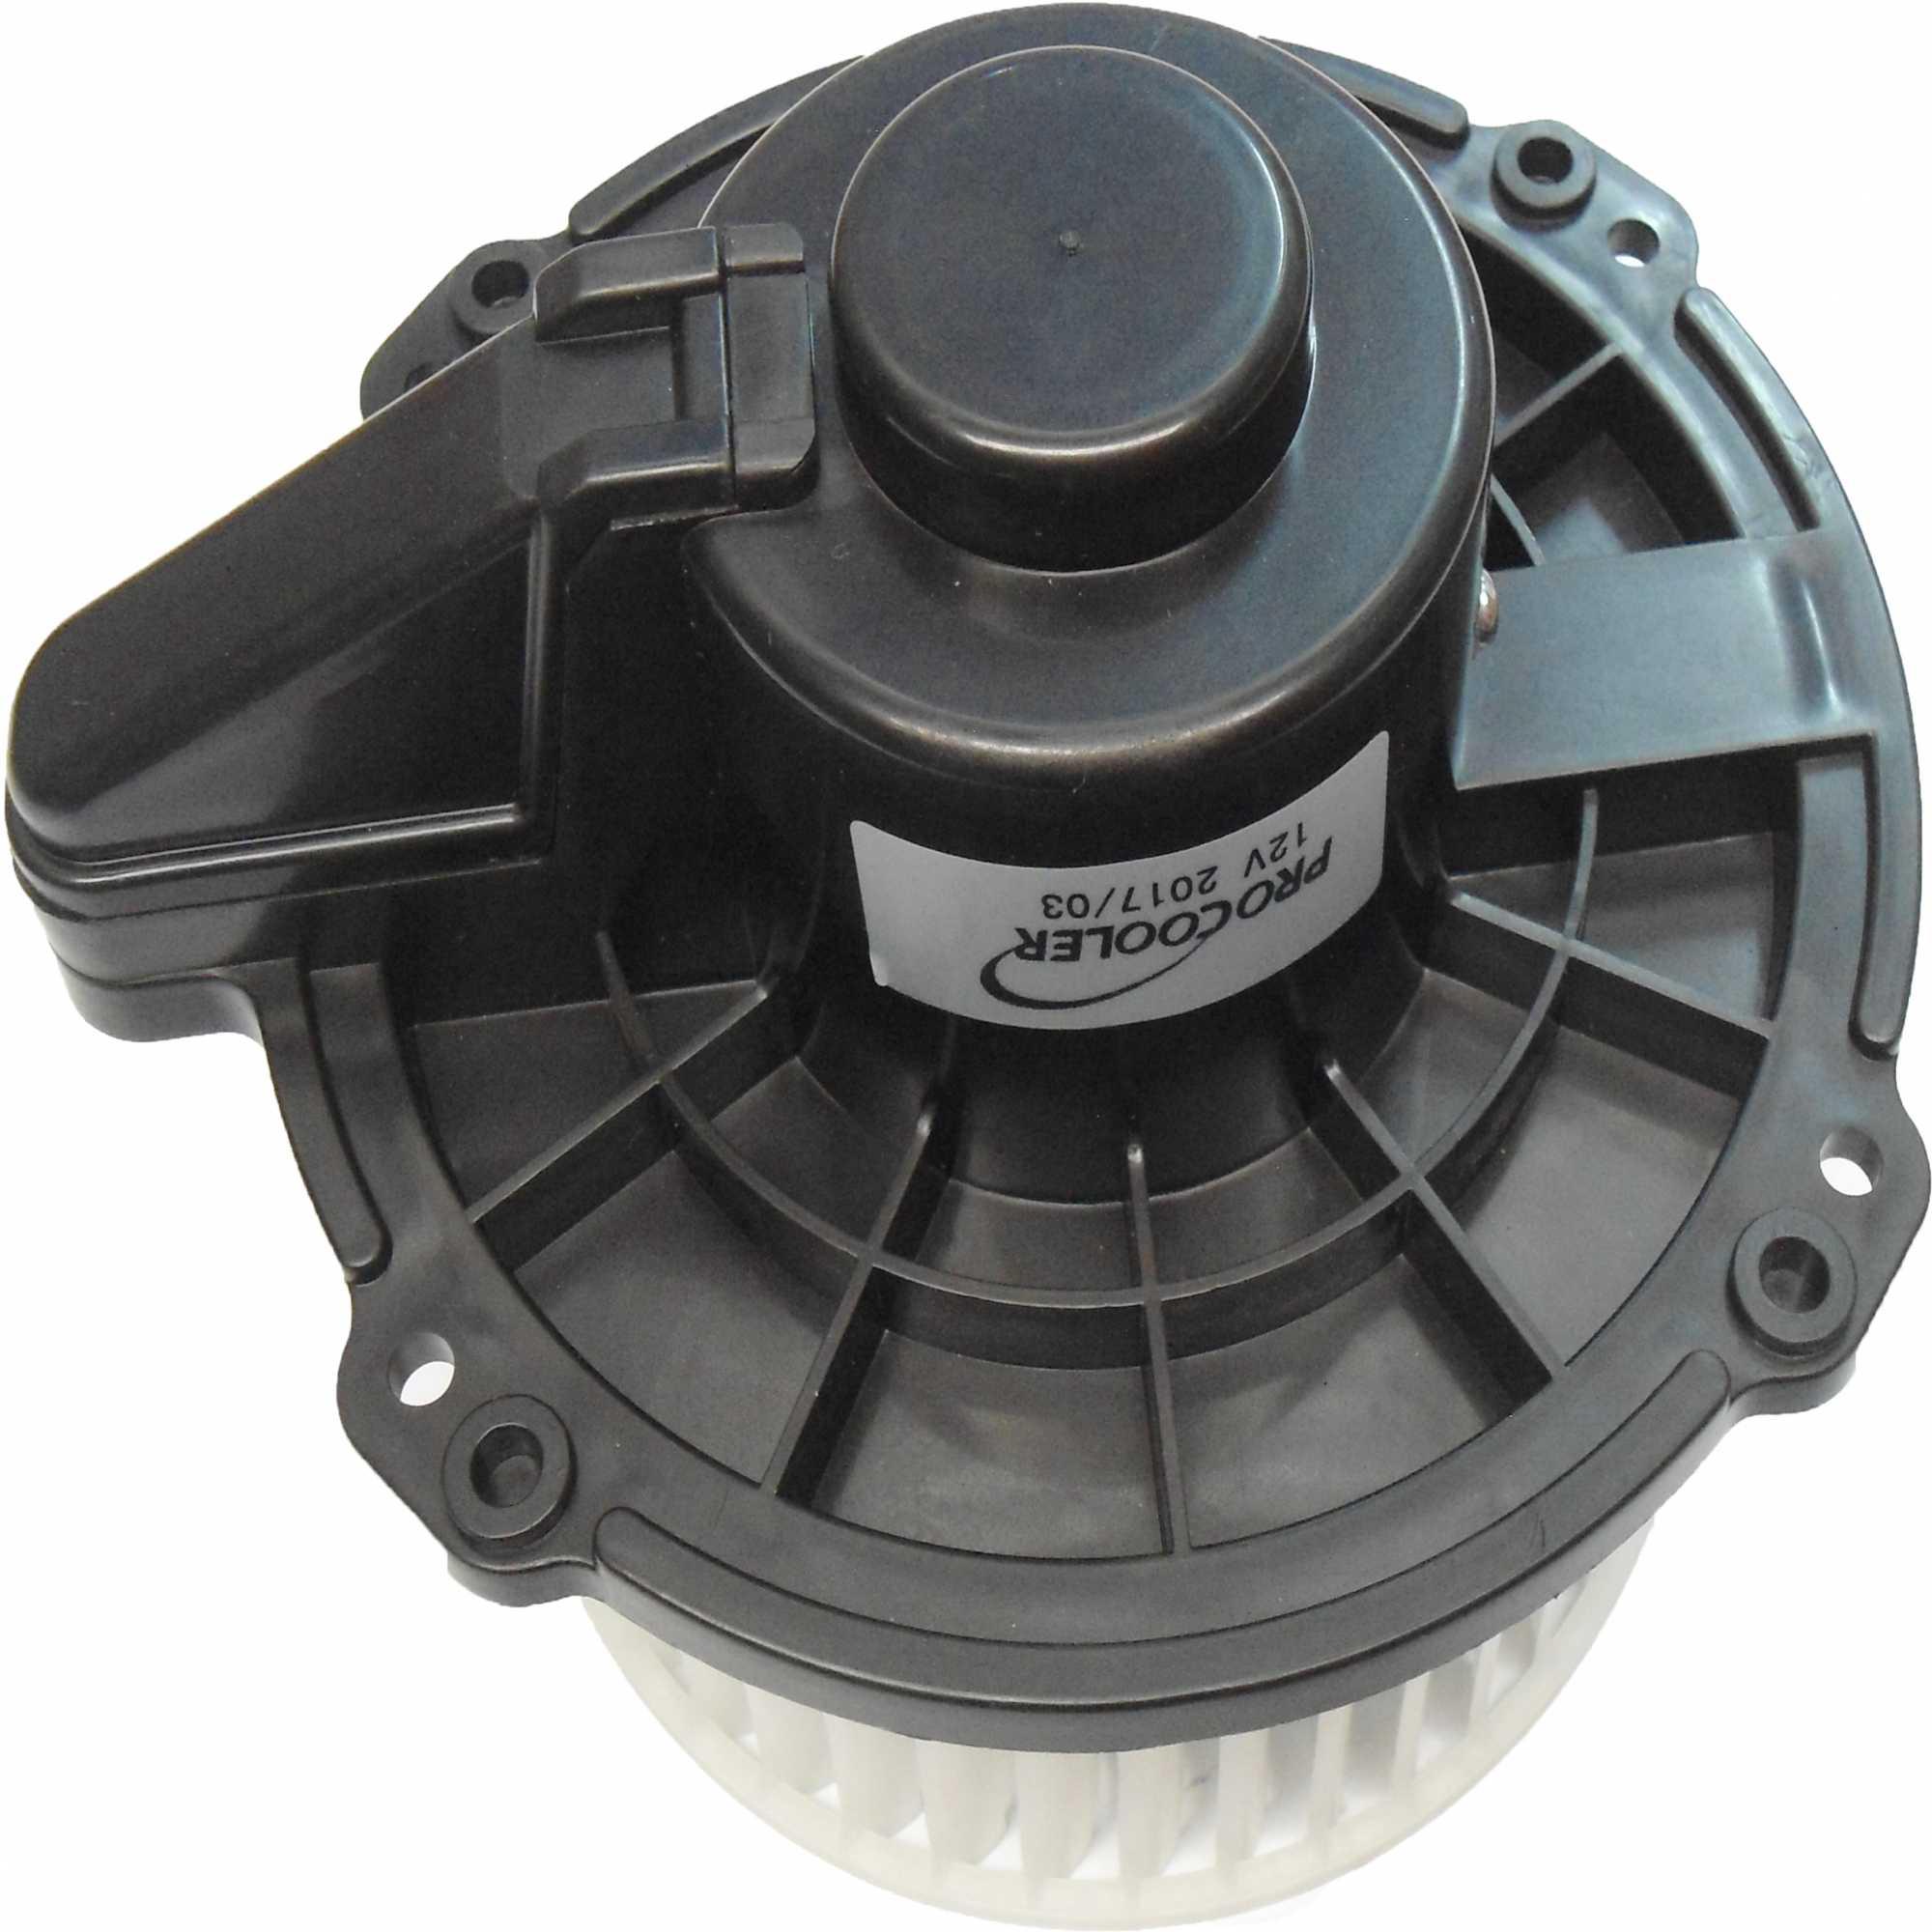 Motor Caixa Evaporadora - Corsa Classic 03/Celta 03/Prisma